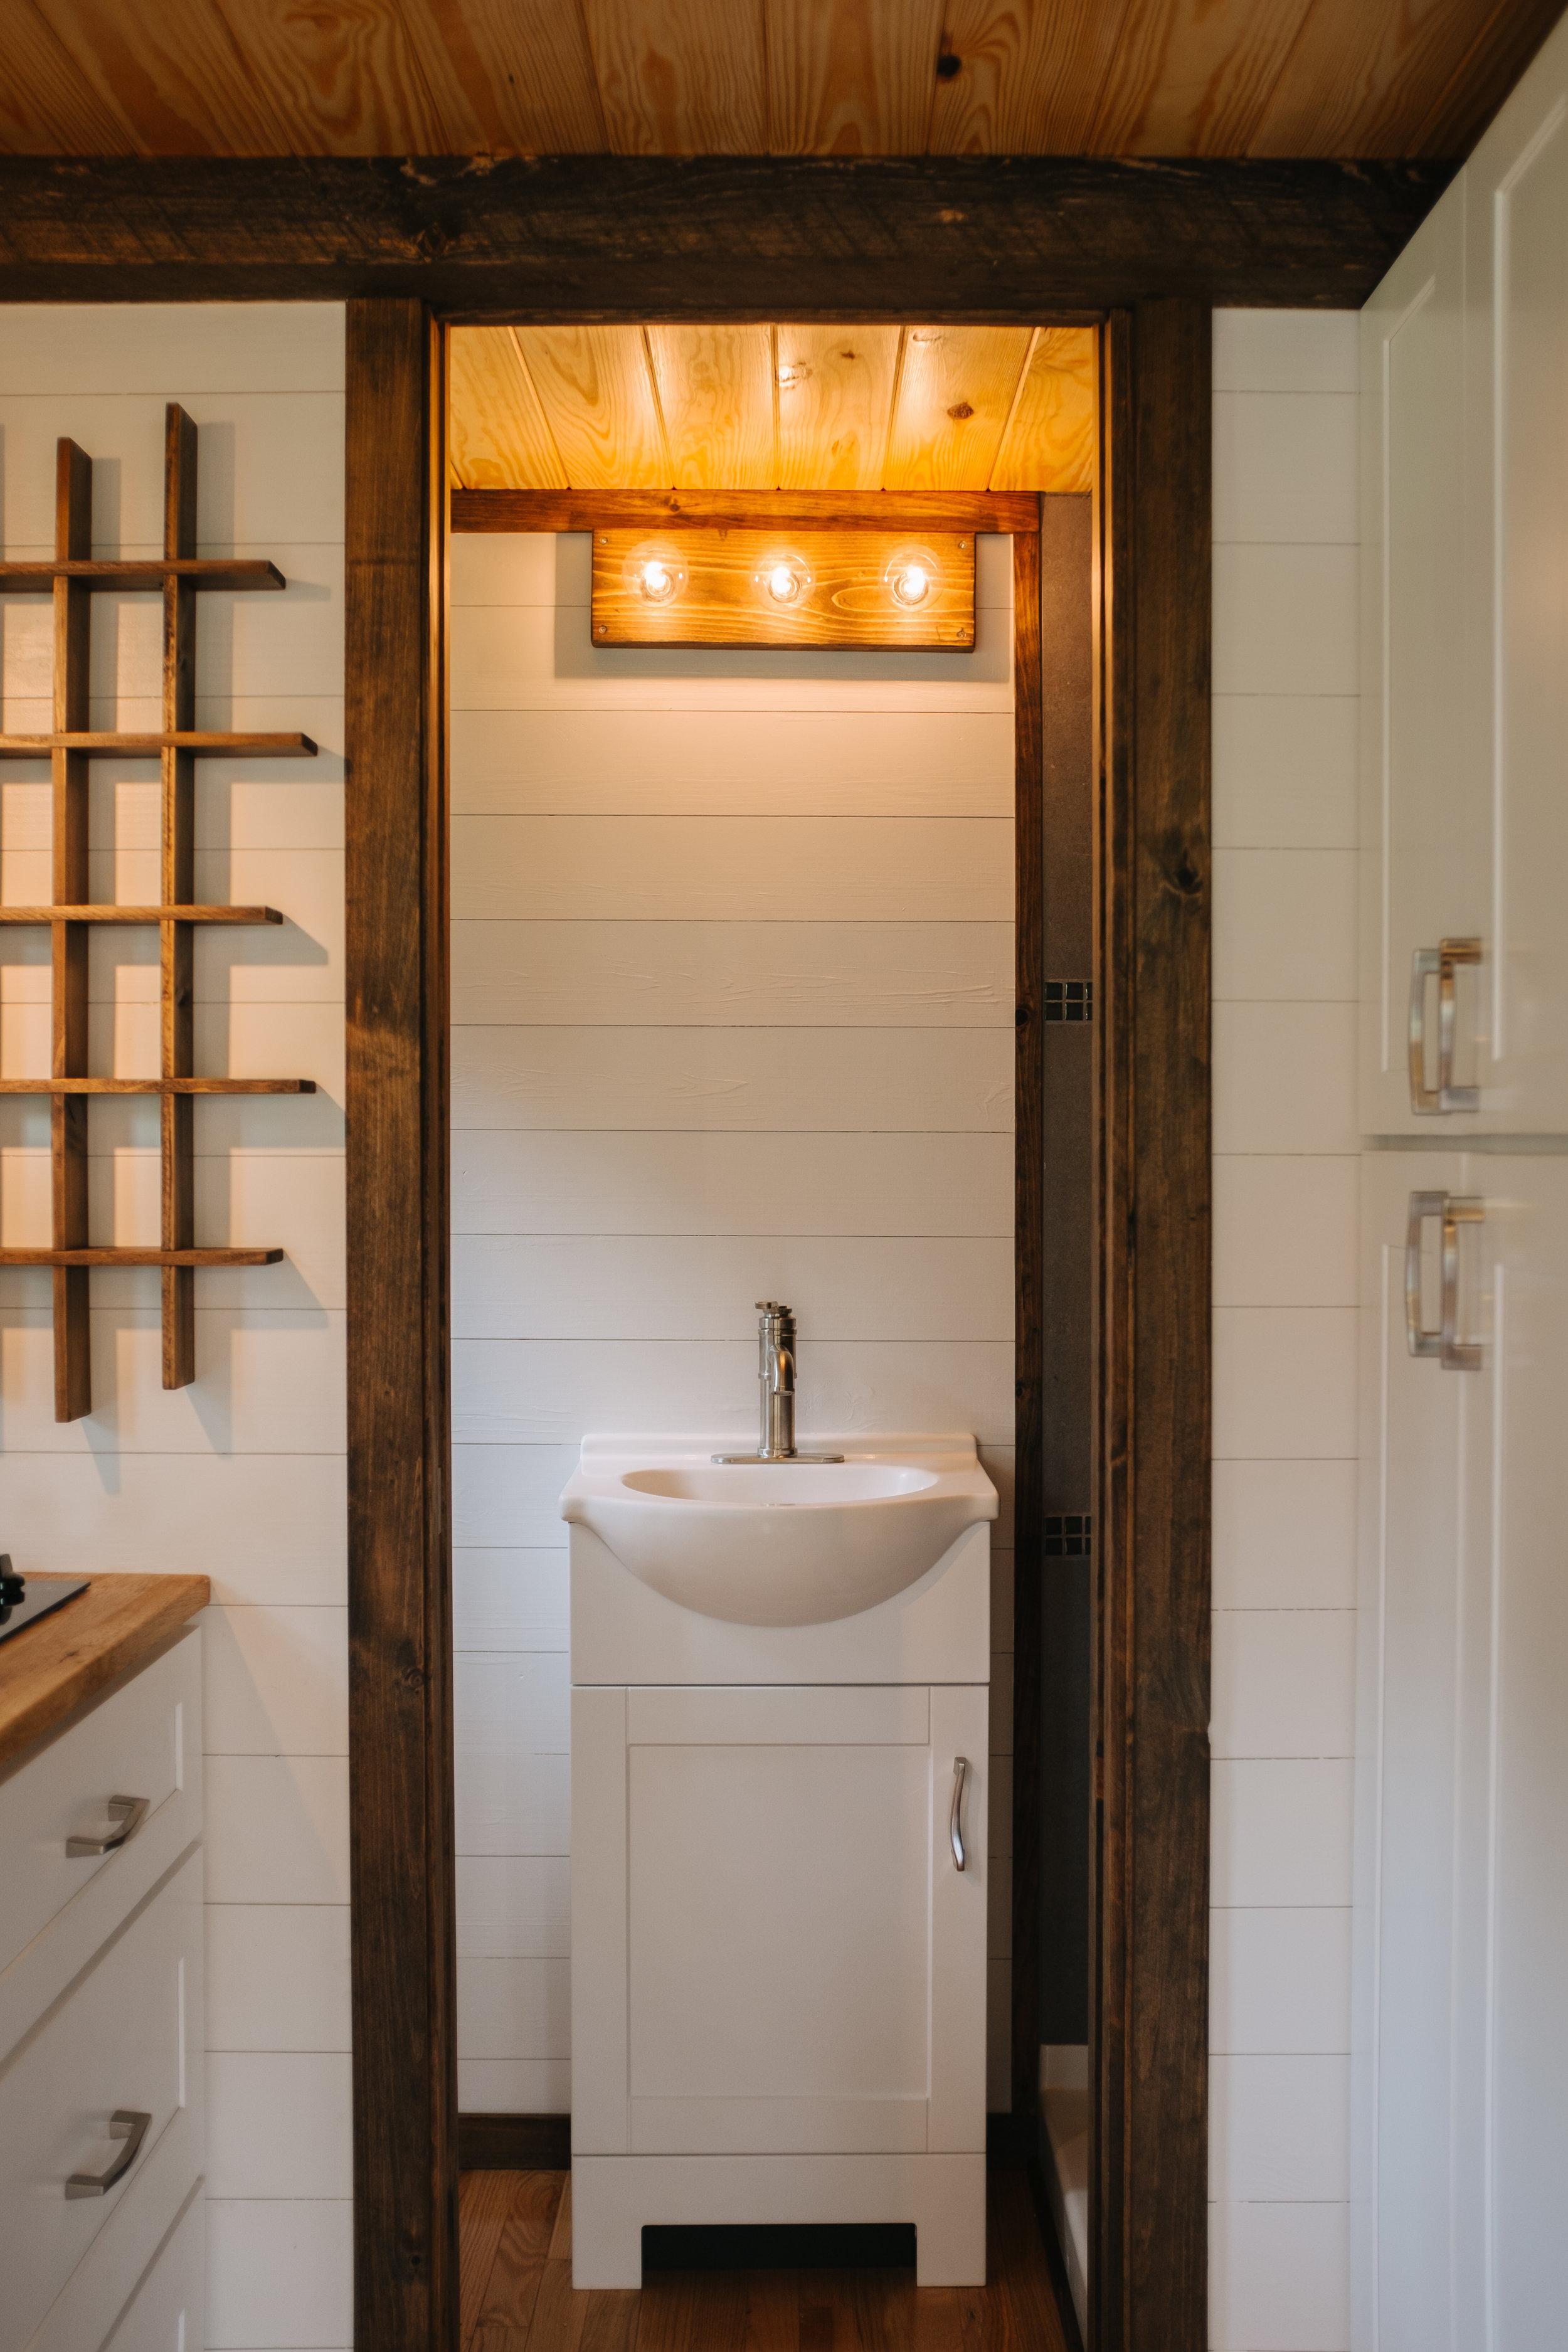 The Acadia by Wind River Tiny Homes - tiny house, shaker cabinets, custom spice rack, pocket door